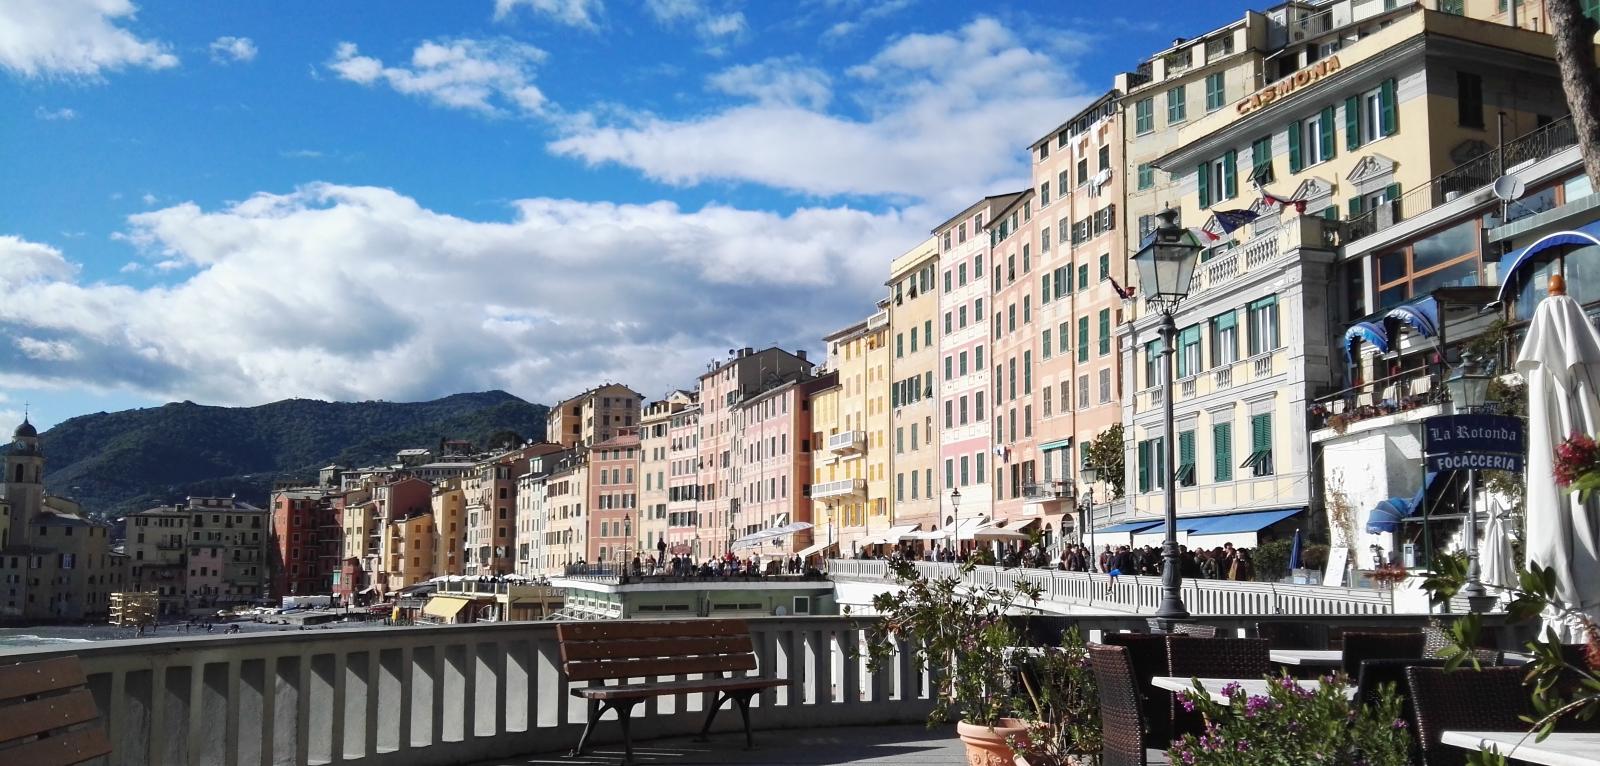 Beyond Portofino: Camogli colored village